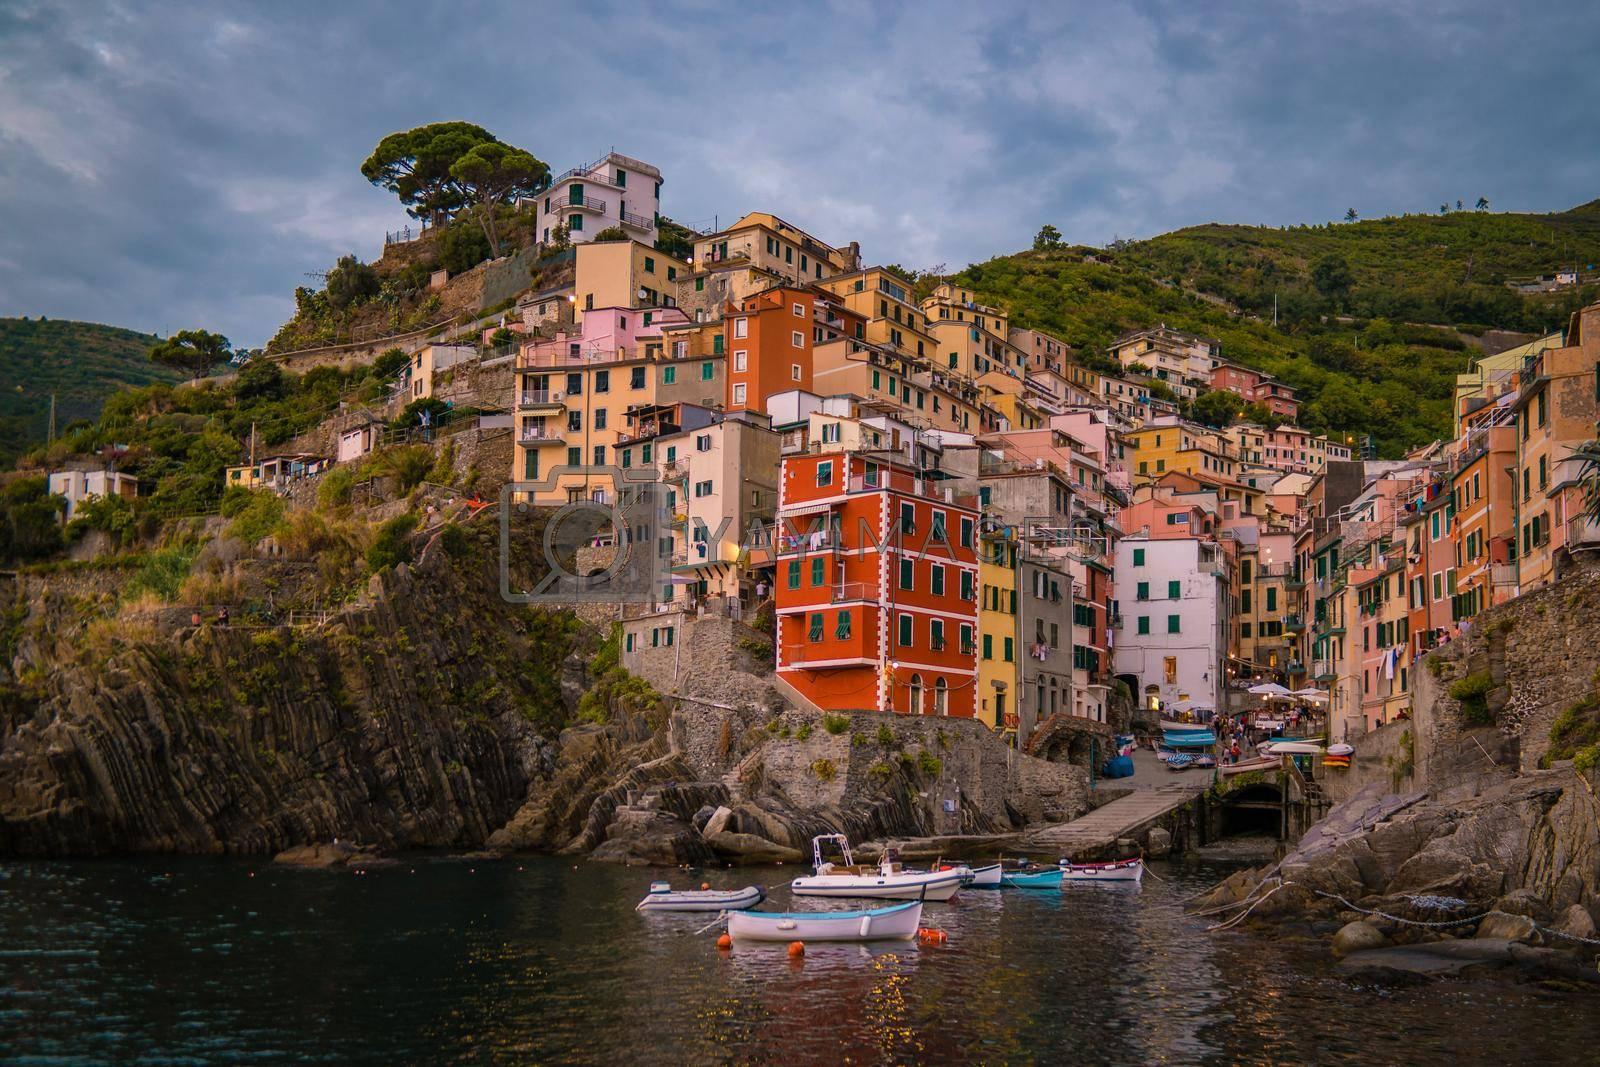 Riomaggiore Cinque Terre Wonderful view of Liguria, Italy, Europe. seascape of the Mediterranean sea. Traveling concept background. Riomaggiore Cique Terre Italy